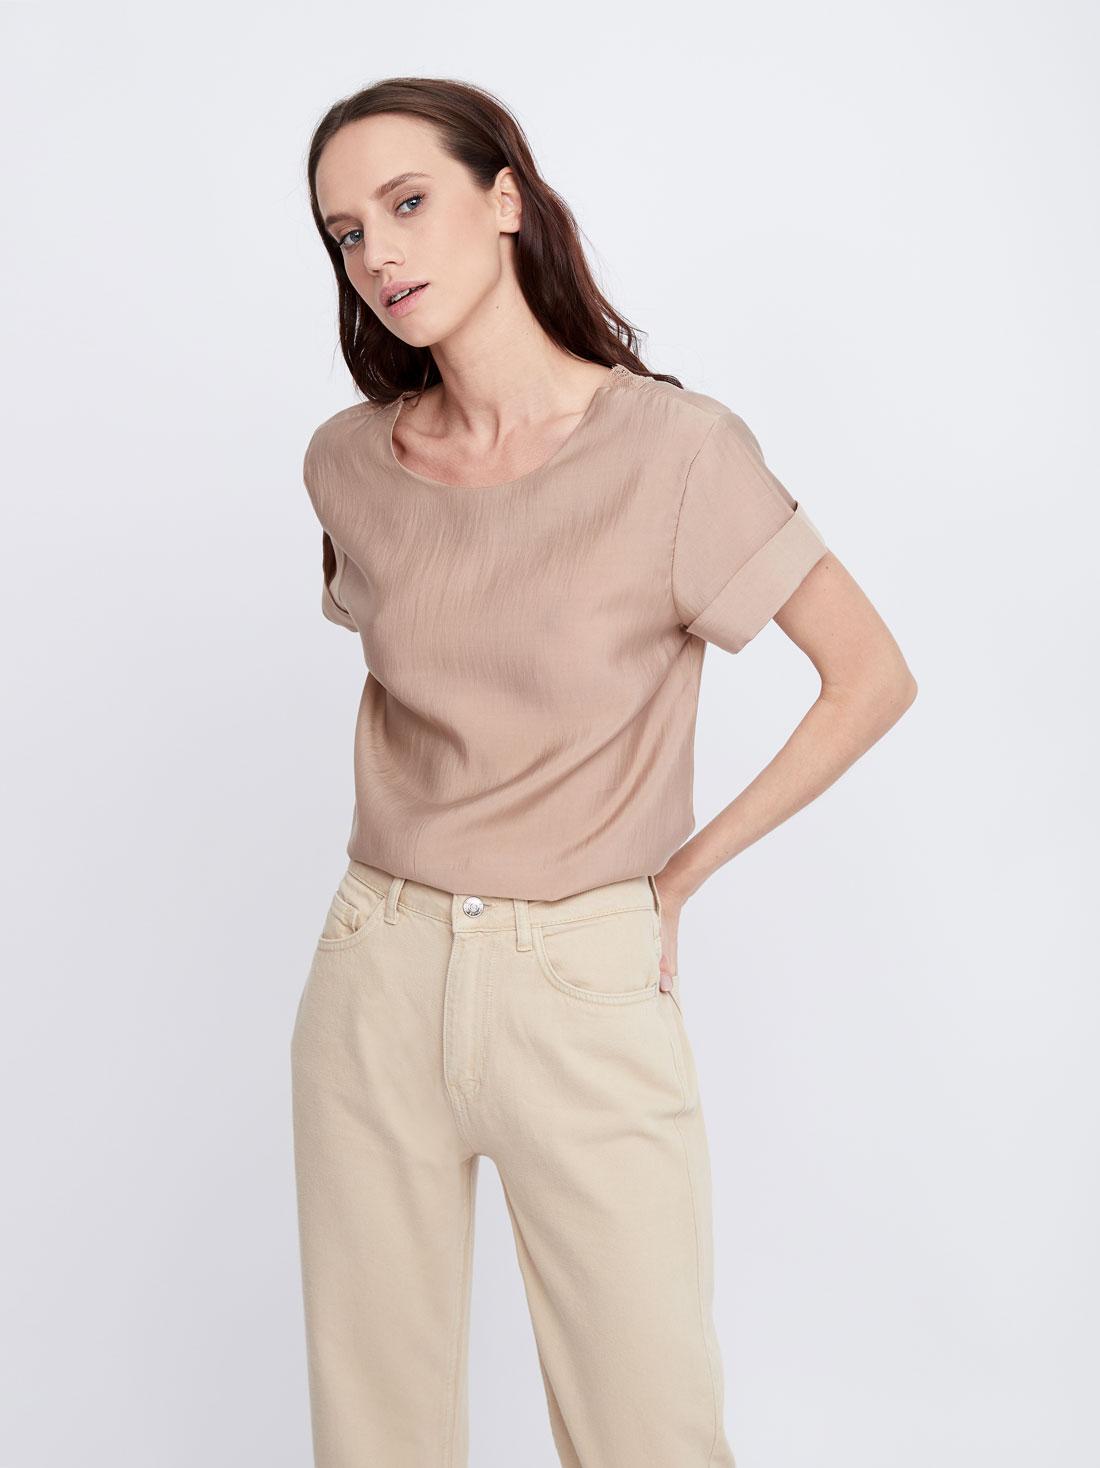 Блузка с декоративным вырезом на спинке